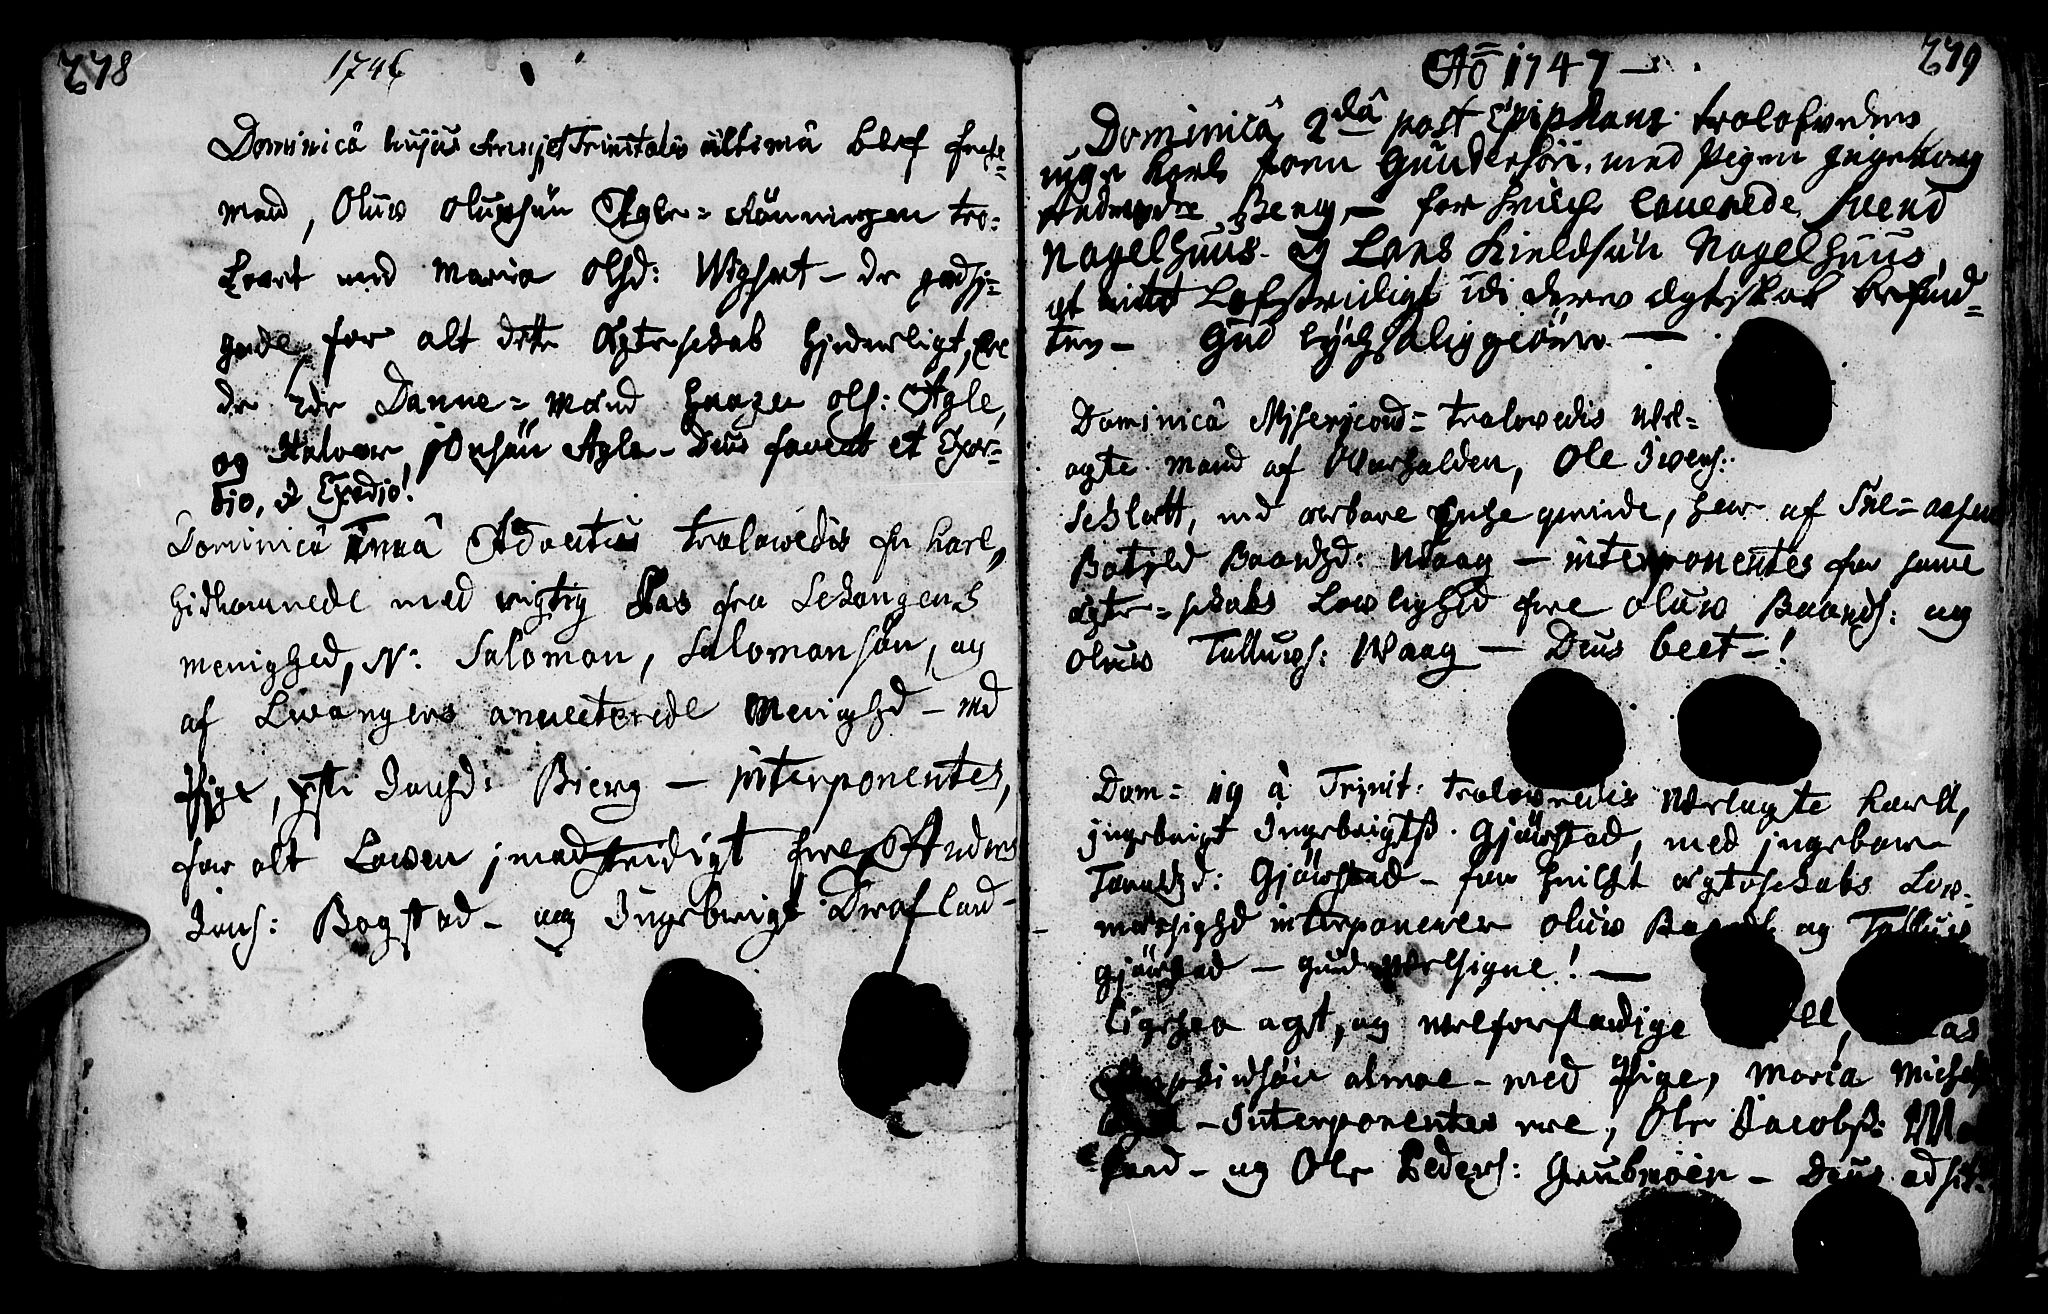 SAT, Ministerialprotokoller, klokkerbøker og fødselsregistre - Nord-Trøndelag, 749/L0467: Ministerialbok nr. 749A01, 1733-1787, s. 278-279